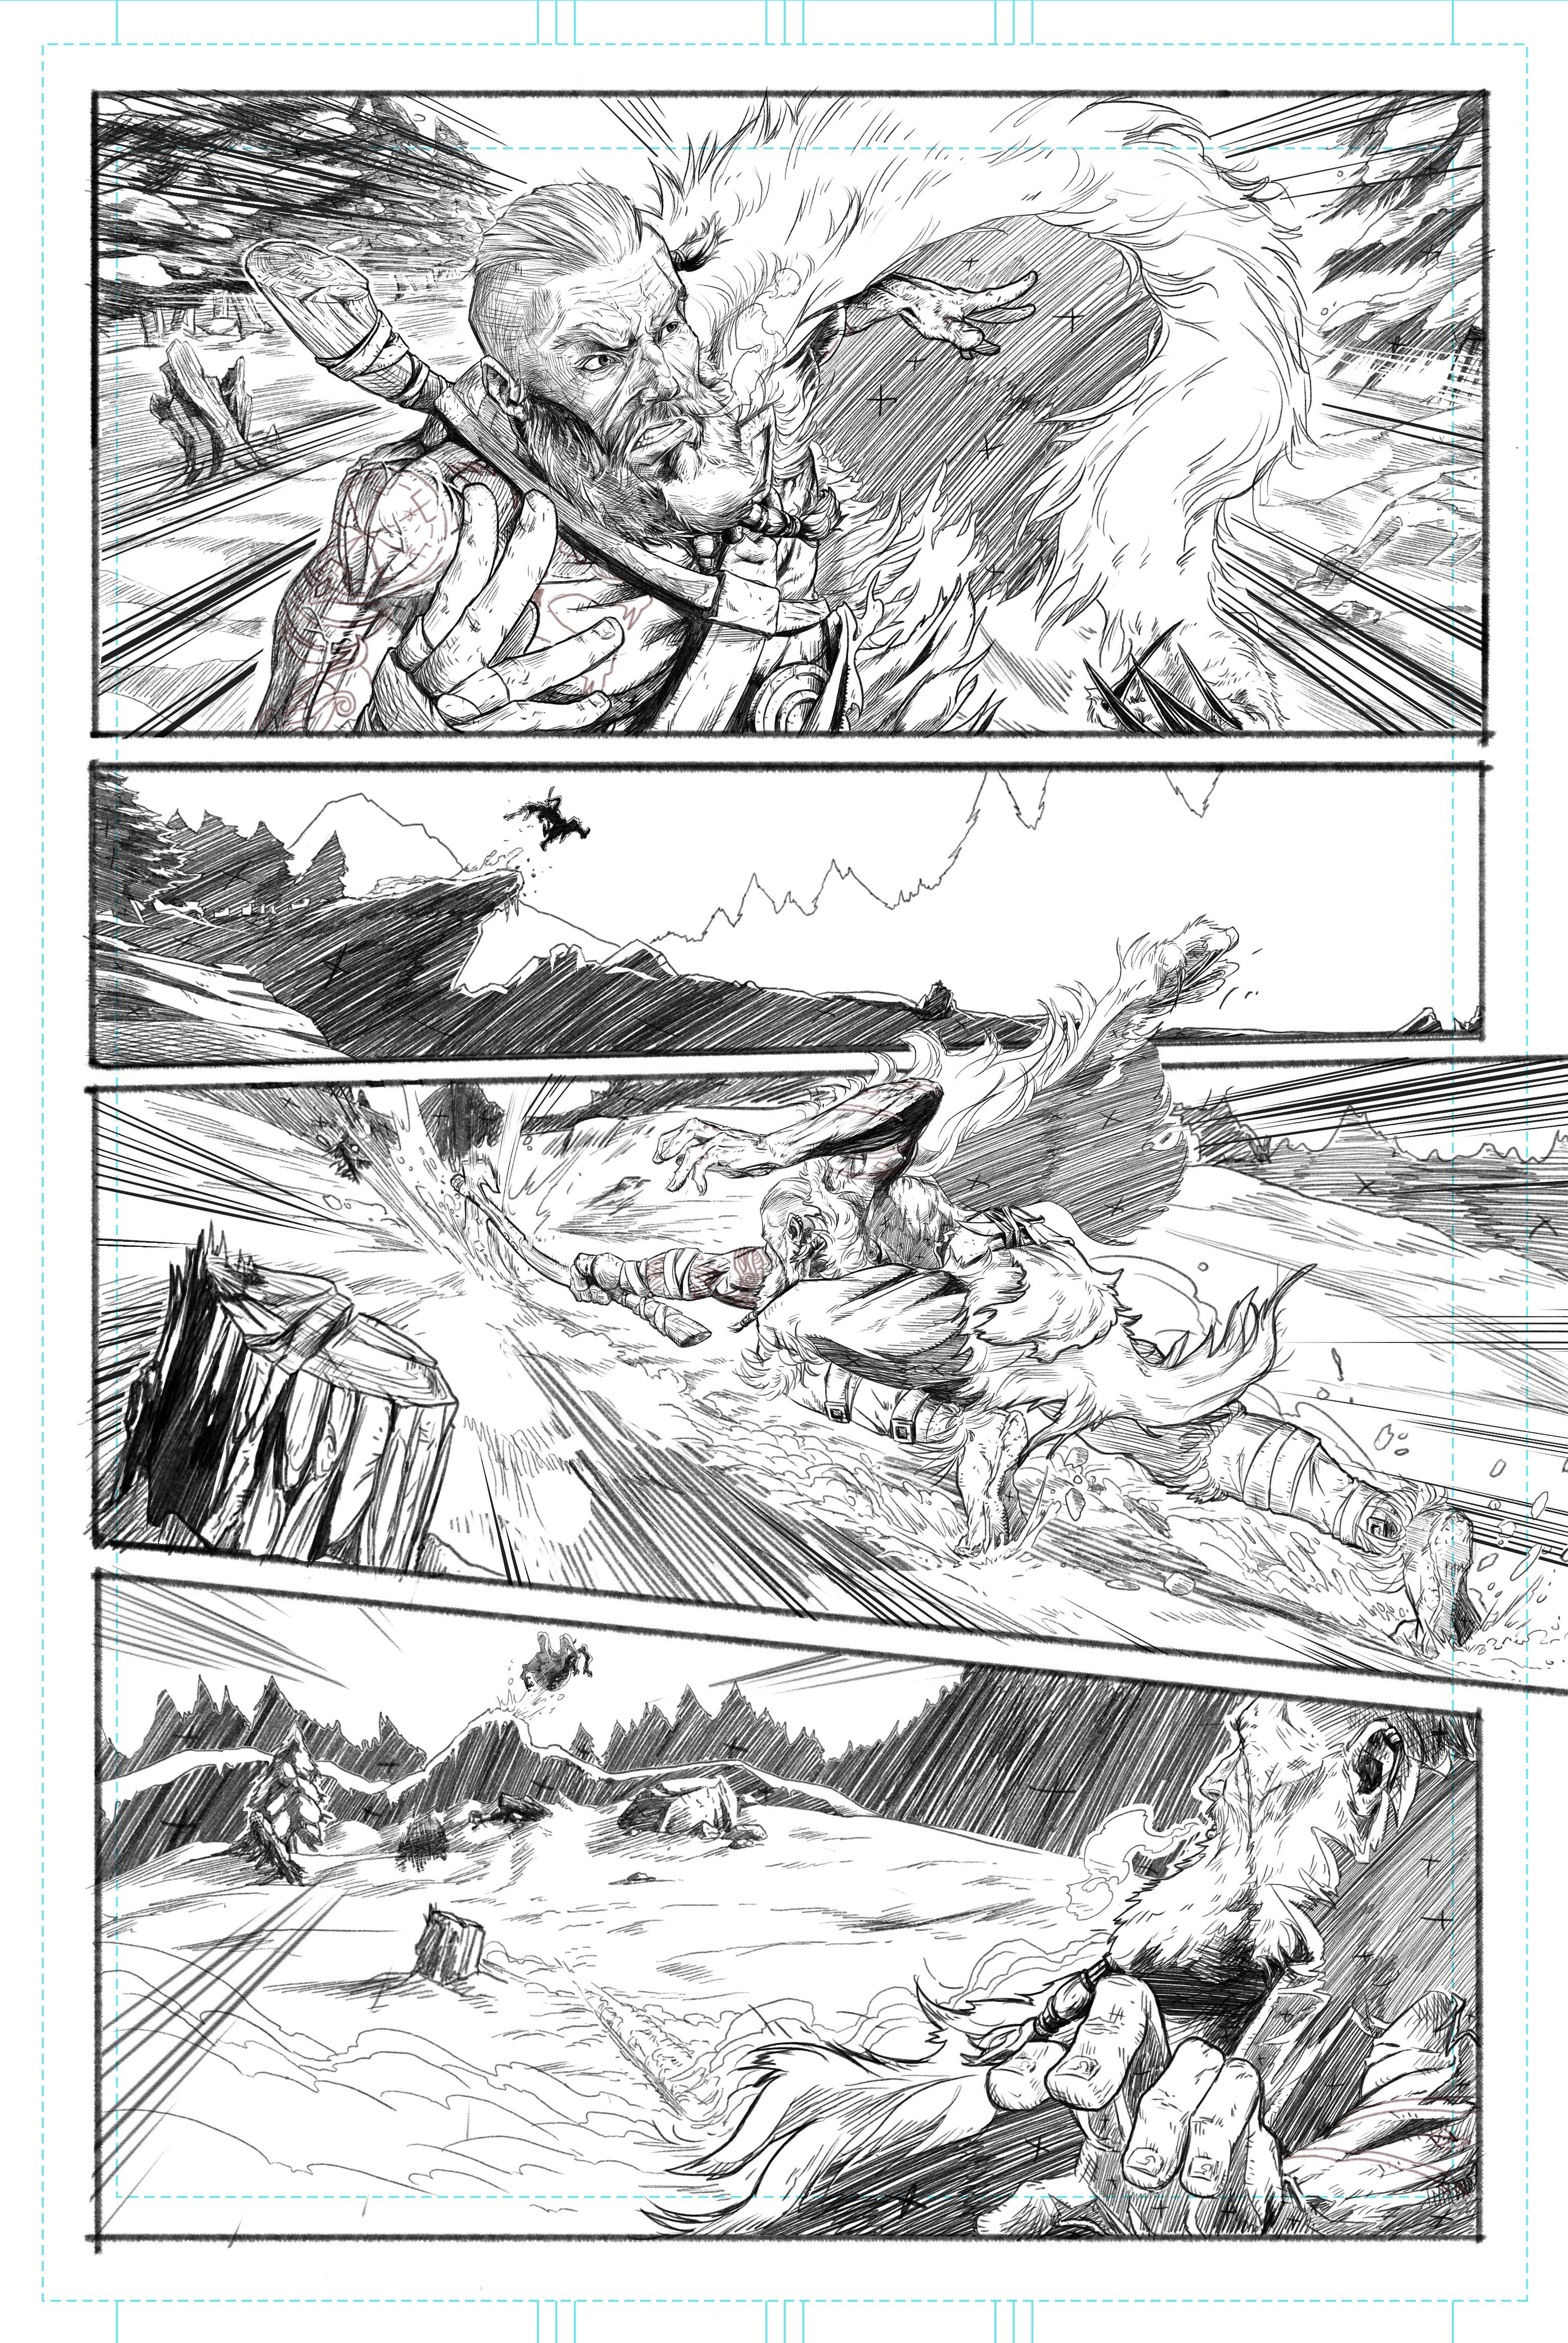 Page 1 - Pencil Art